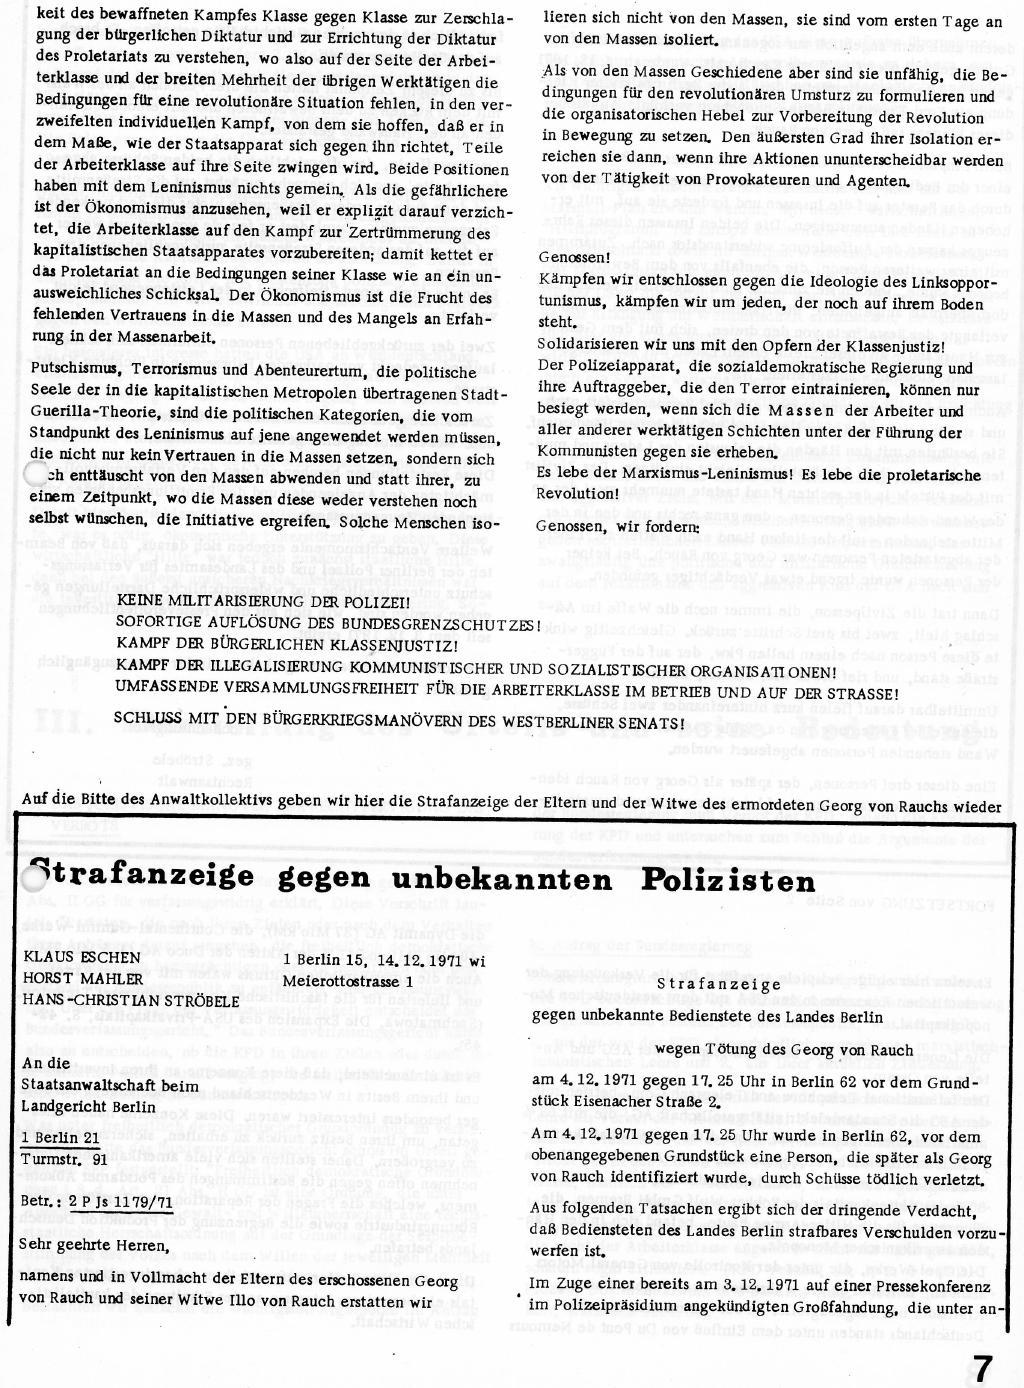 RPK_1971_146_147_07